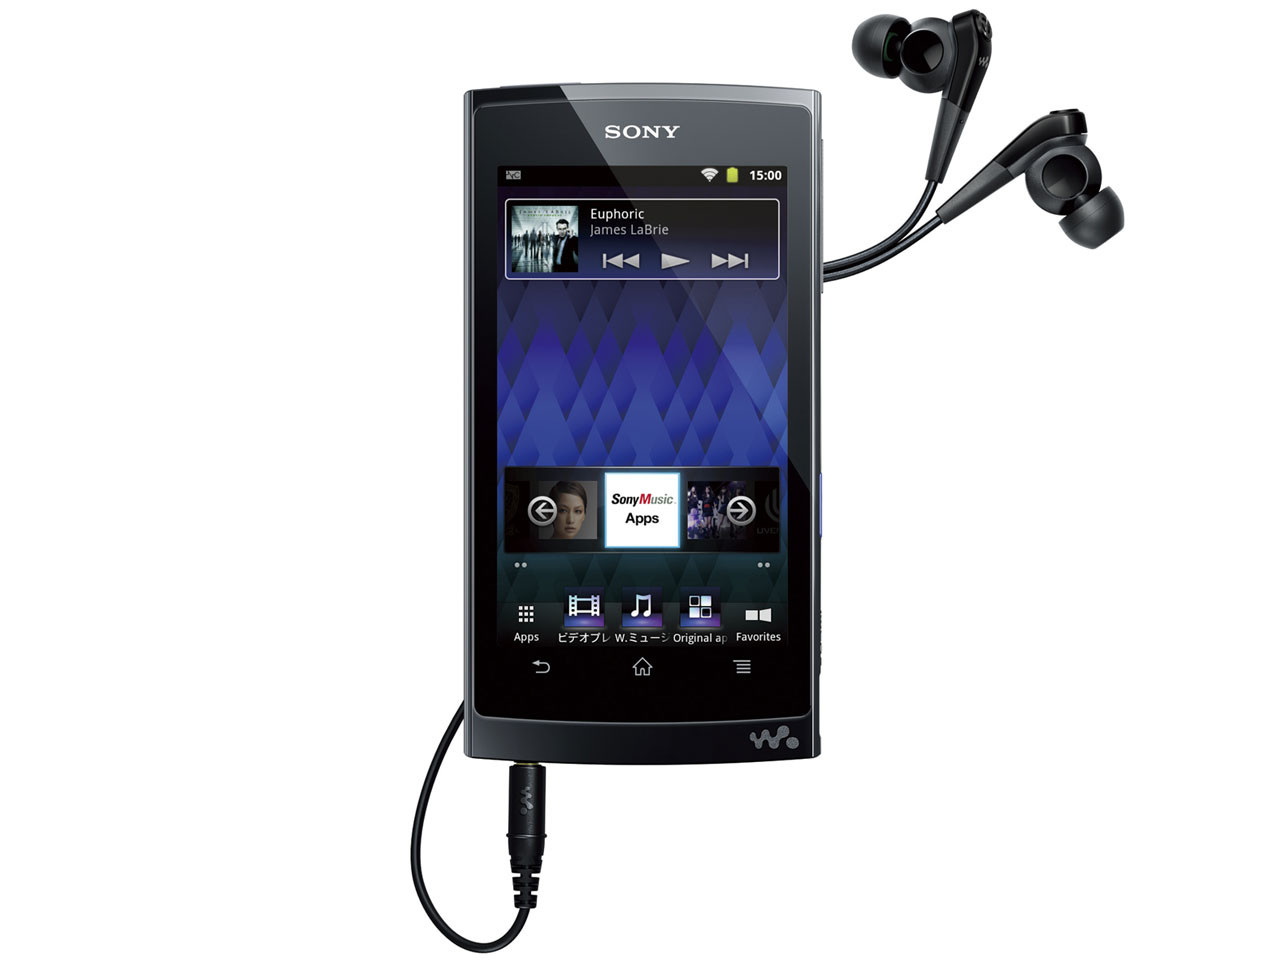 Sony Walkman Z-1000 Series 64GB NW-Z1070 Android 2.3